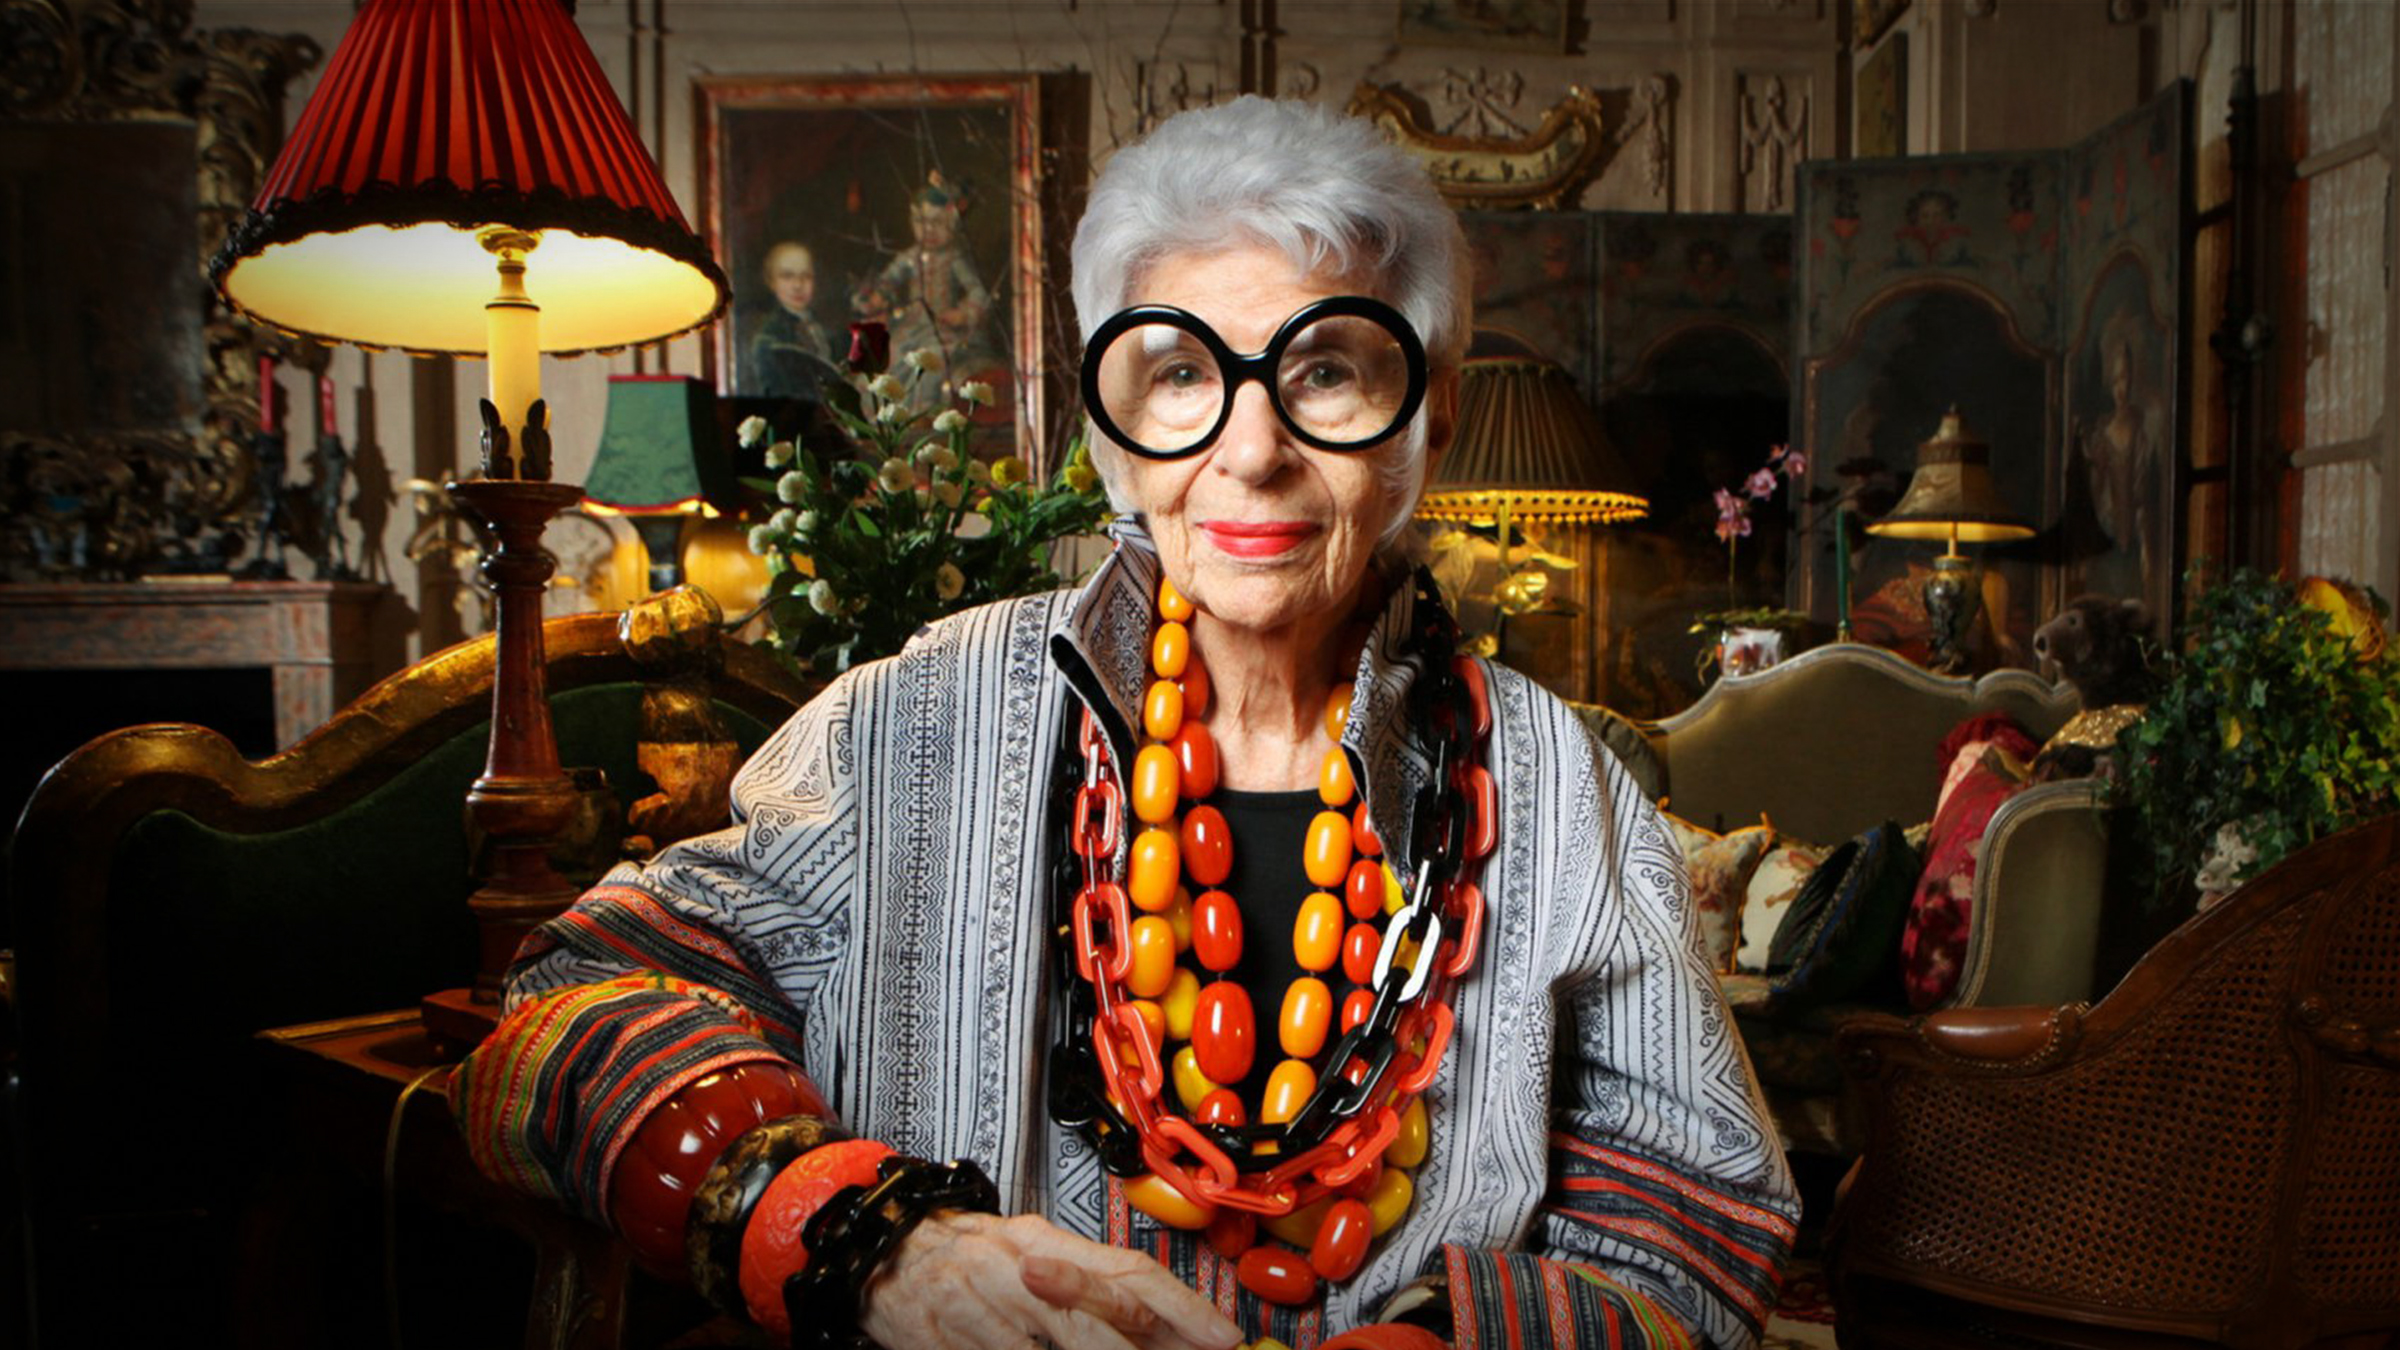 Самые старые дамы, «Для меня долгая жизнь совсем не божий подарок» 28 фотография